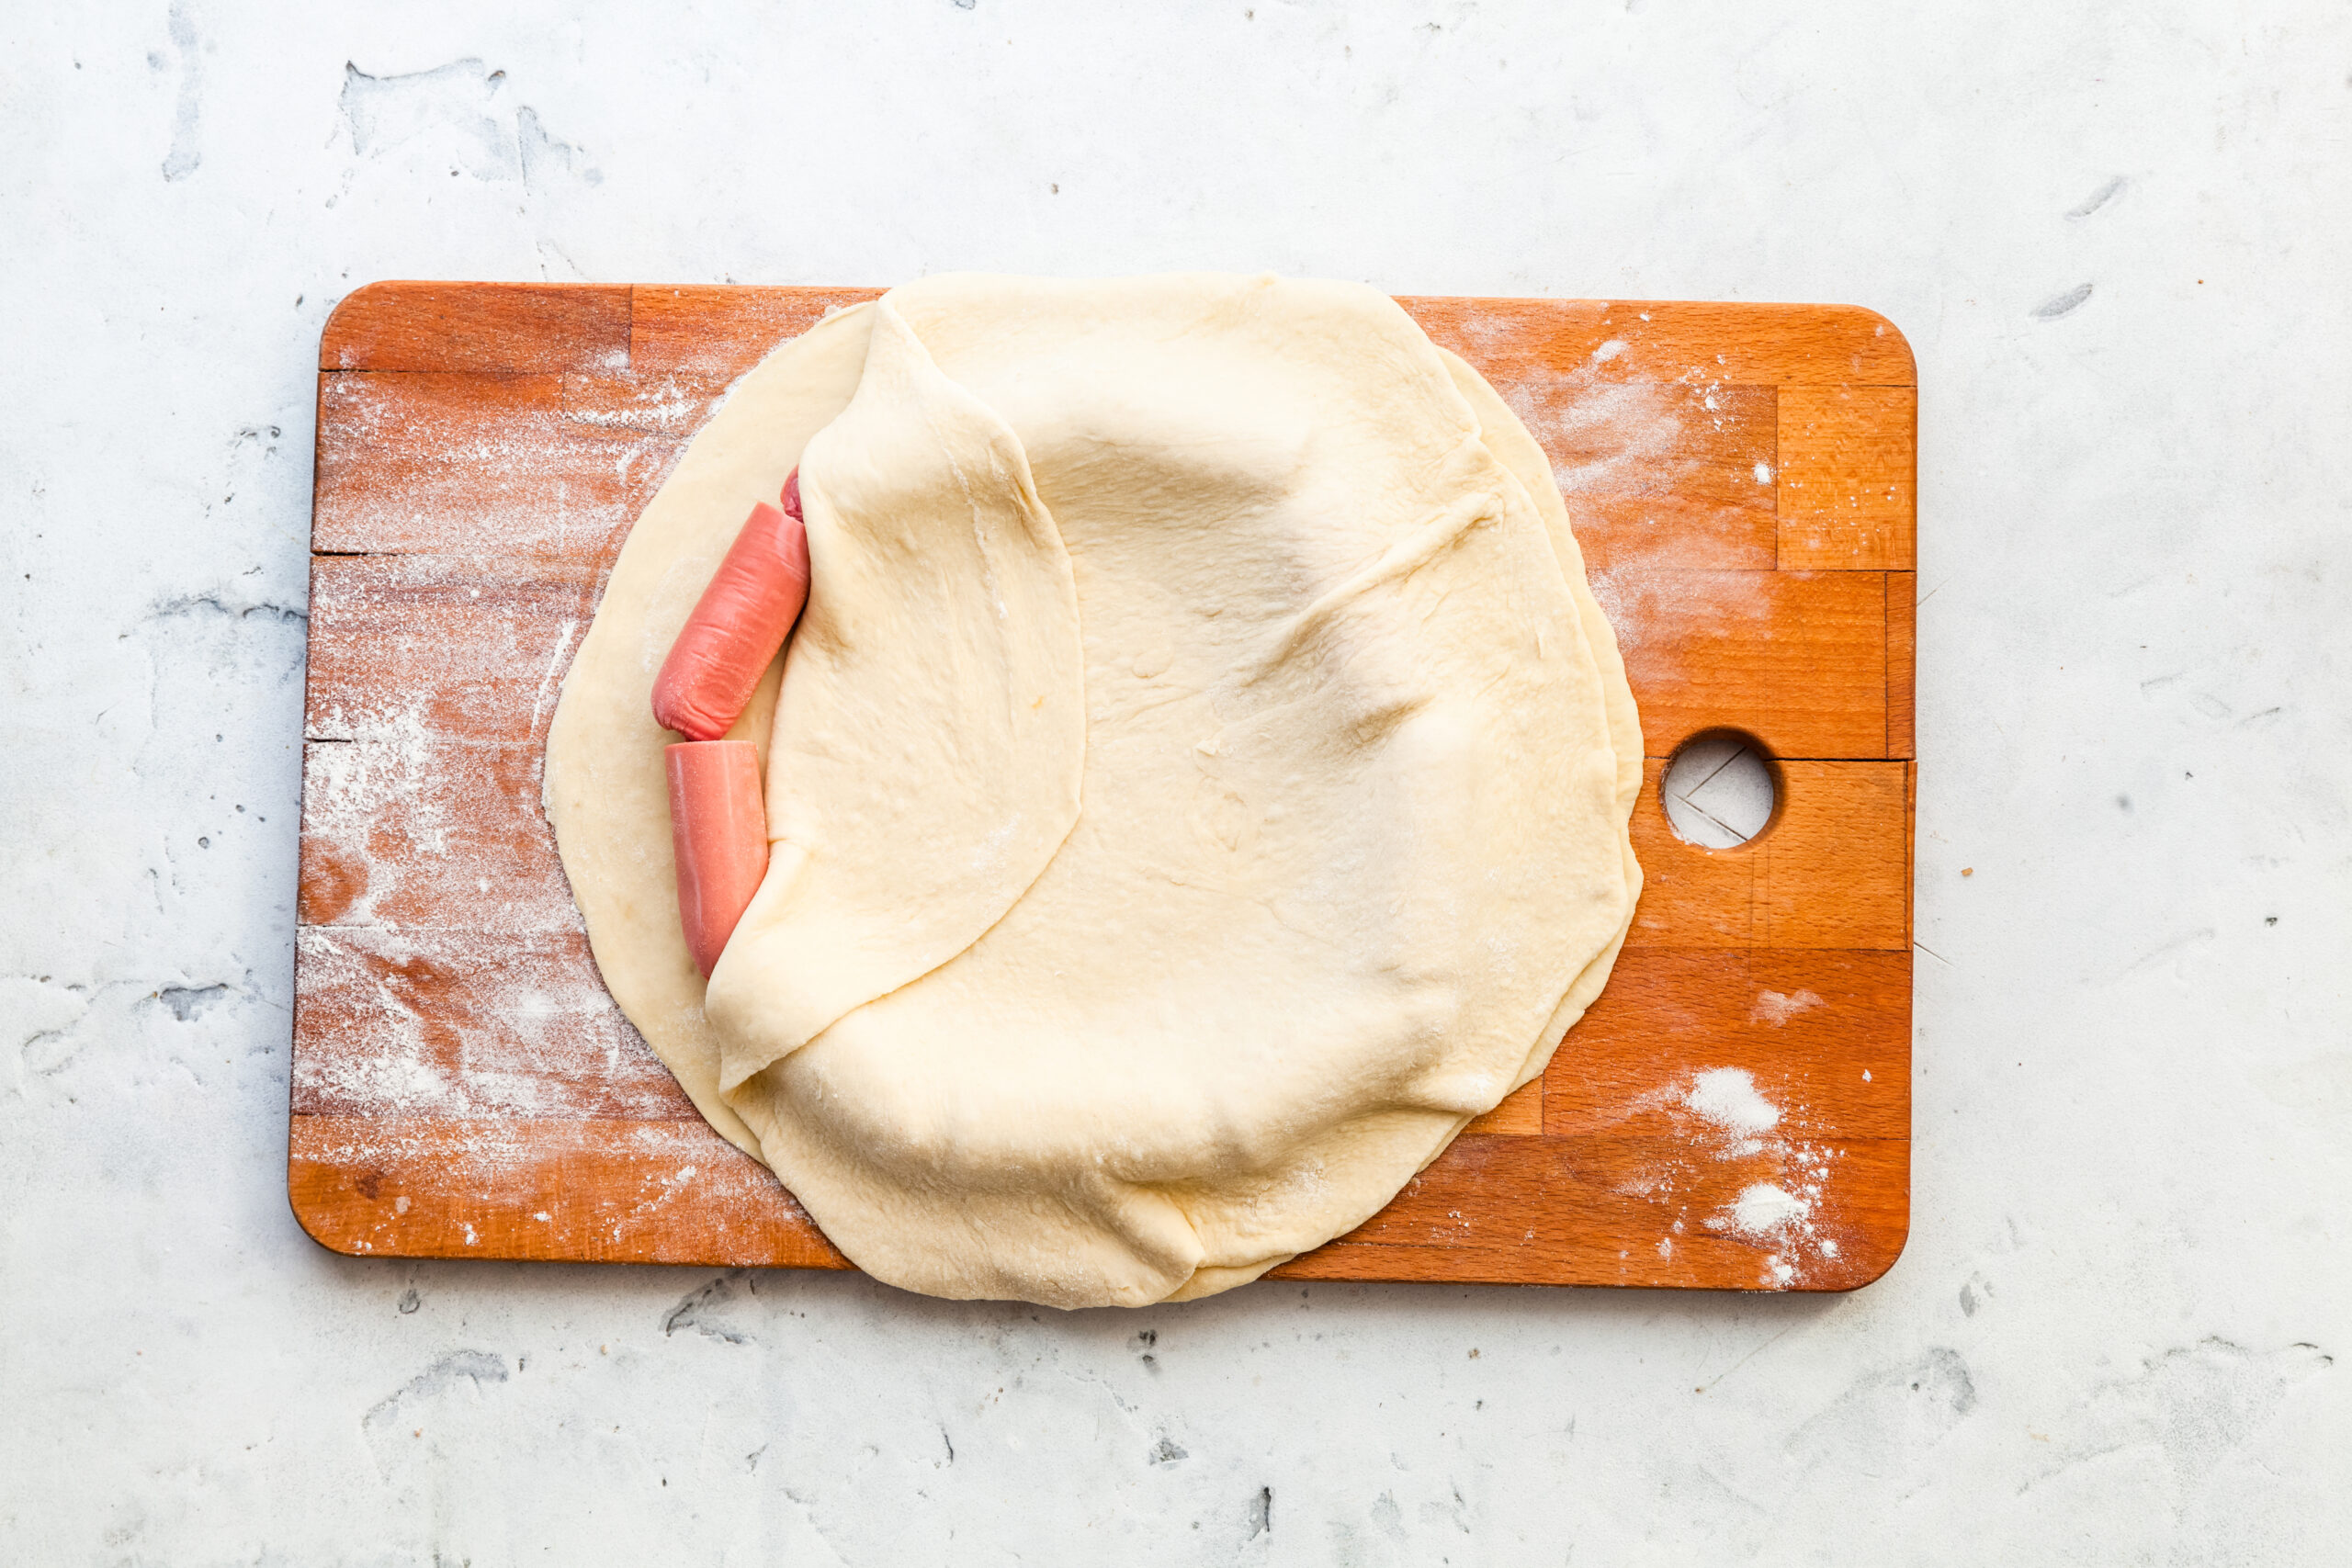 Пицца с сосисками по краям